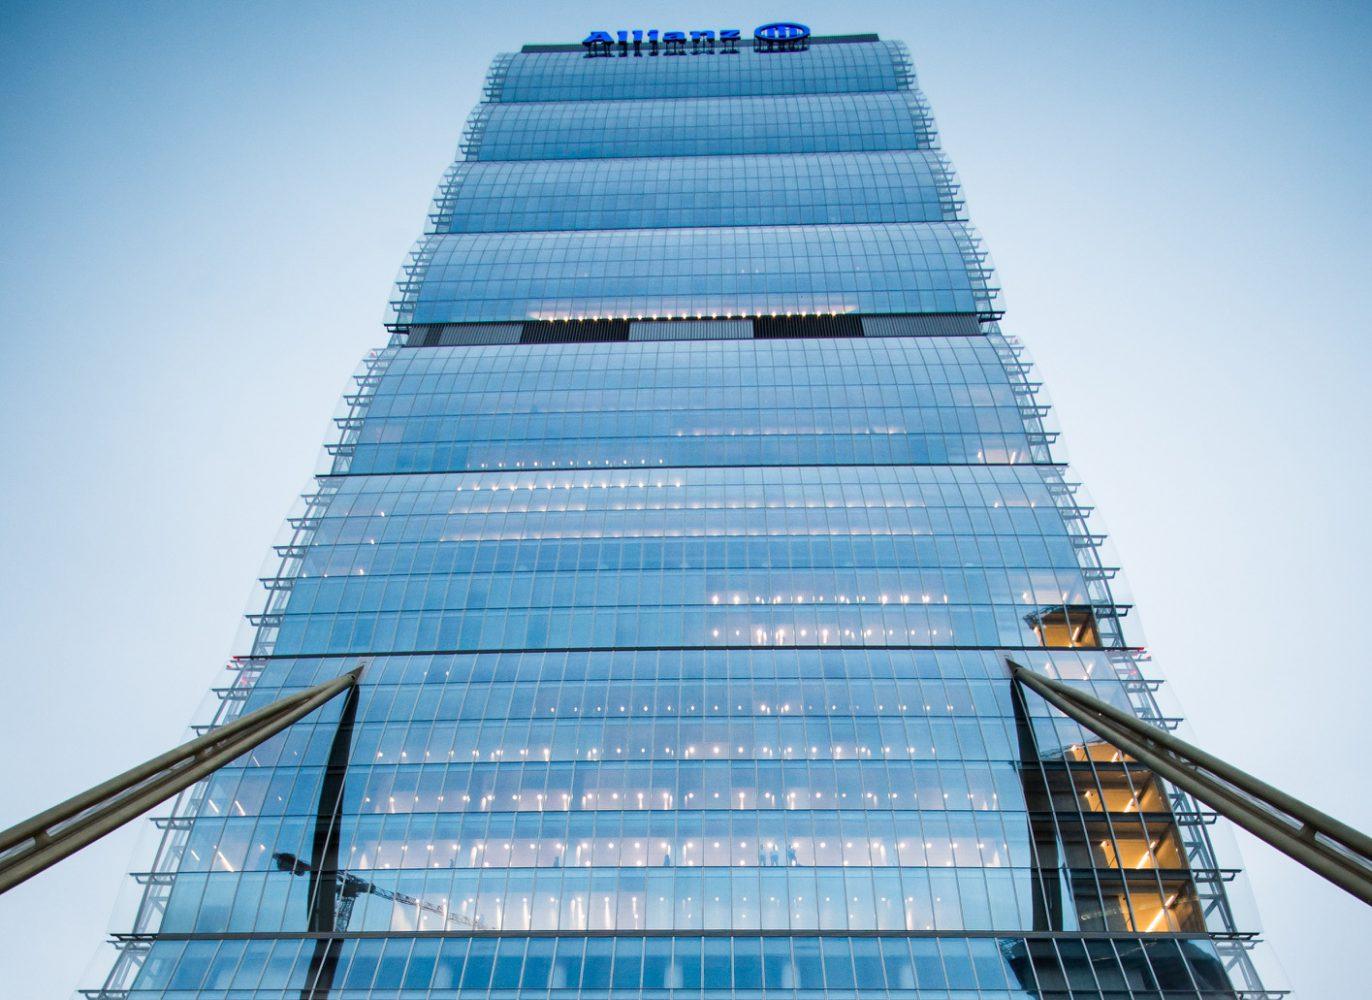 Milano - Torre Allianz (Torre Isozaki) (2) Imc